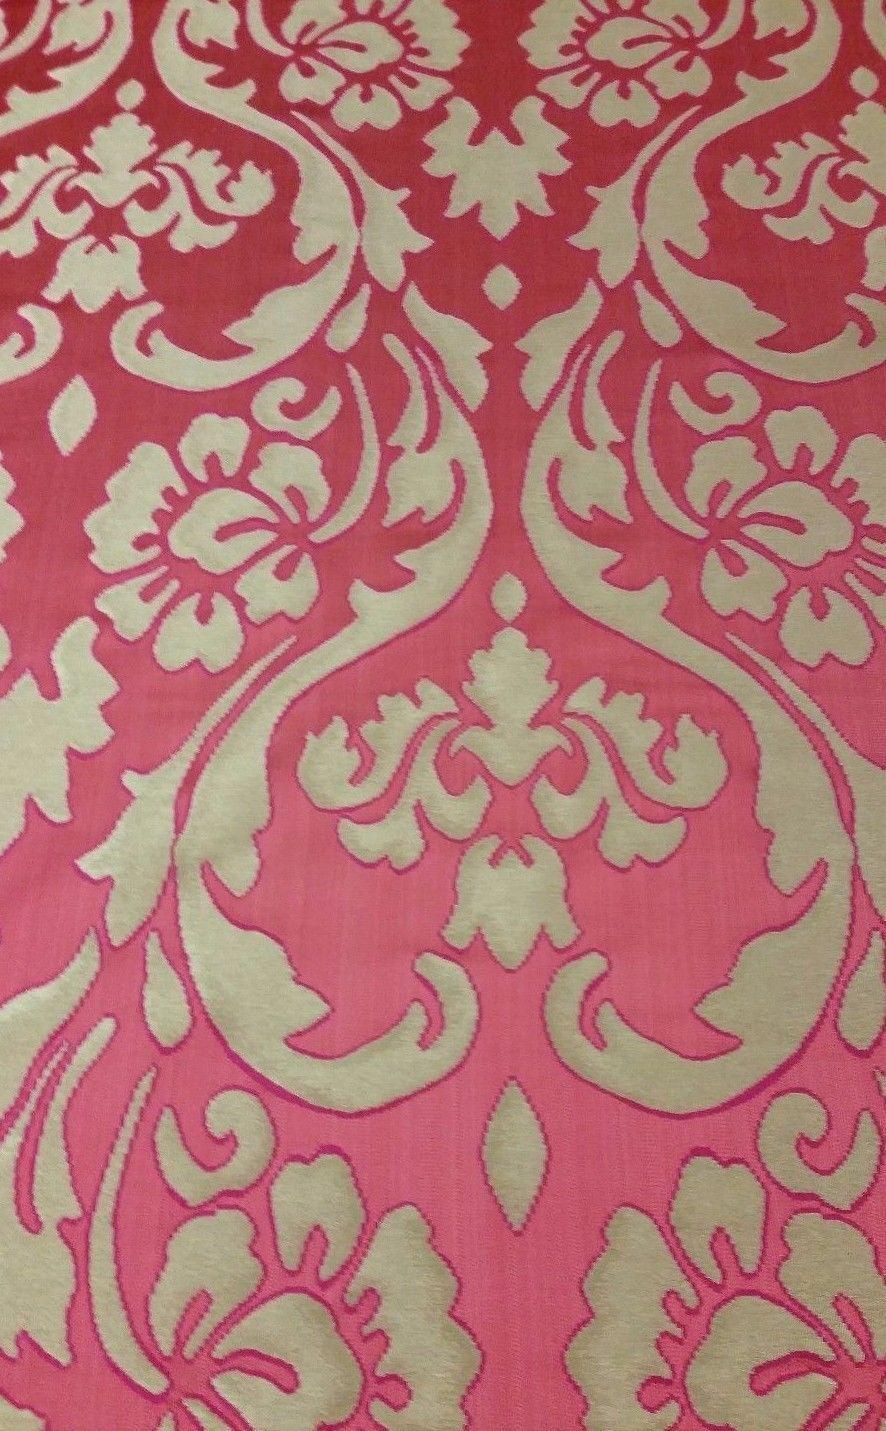 Walfab Tela para Tapizar Rosa y Dorado Floral Brocado 4.9m RF2